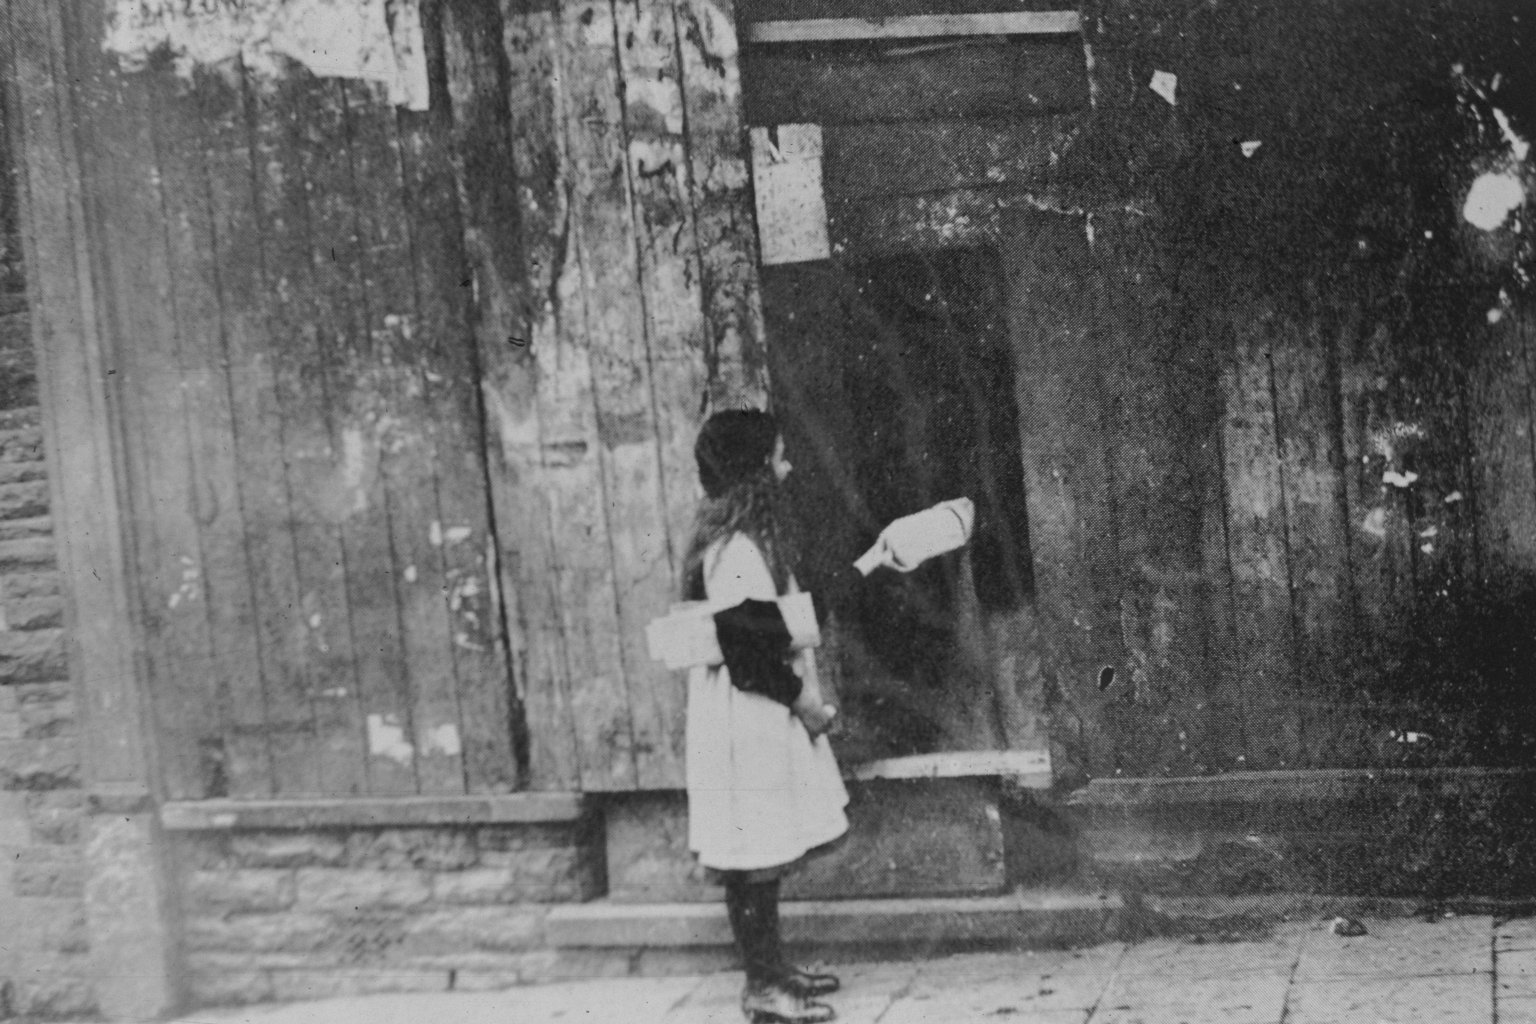 Tonypandy, 1910